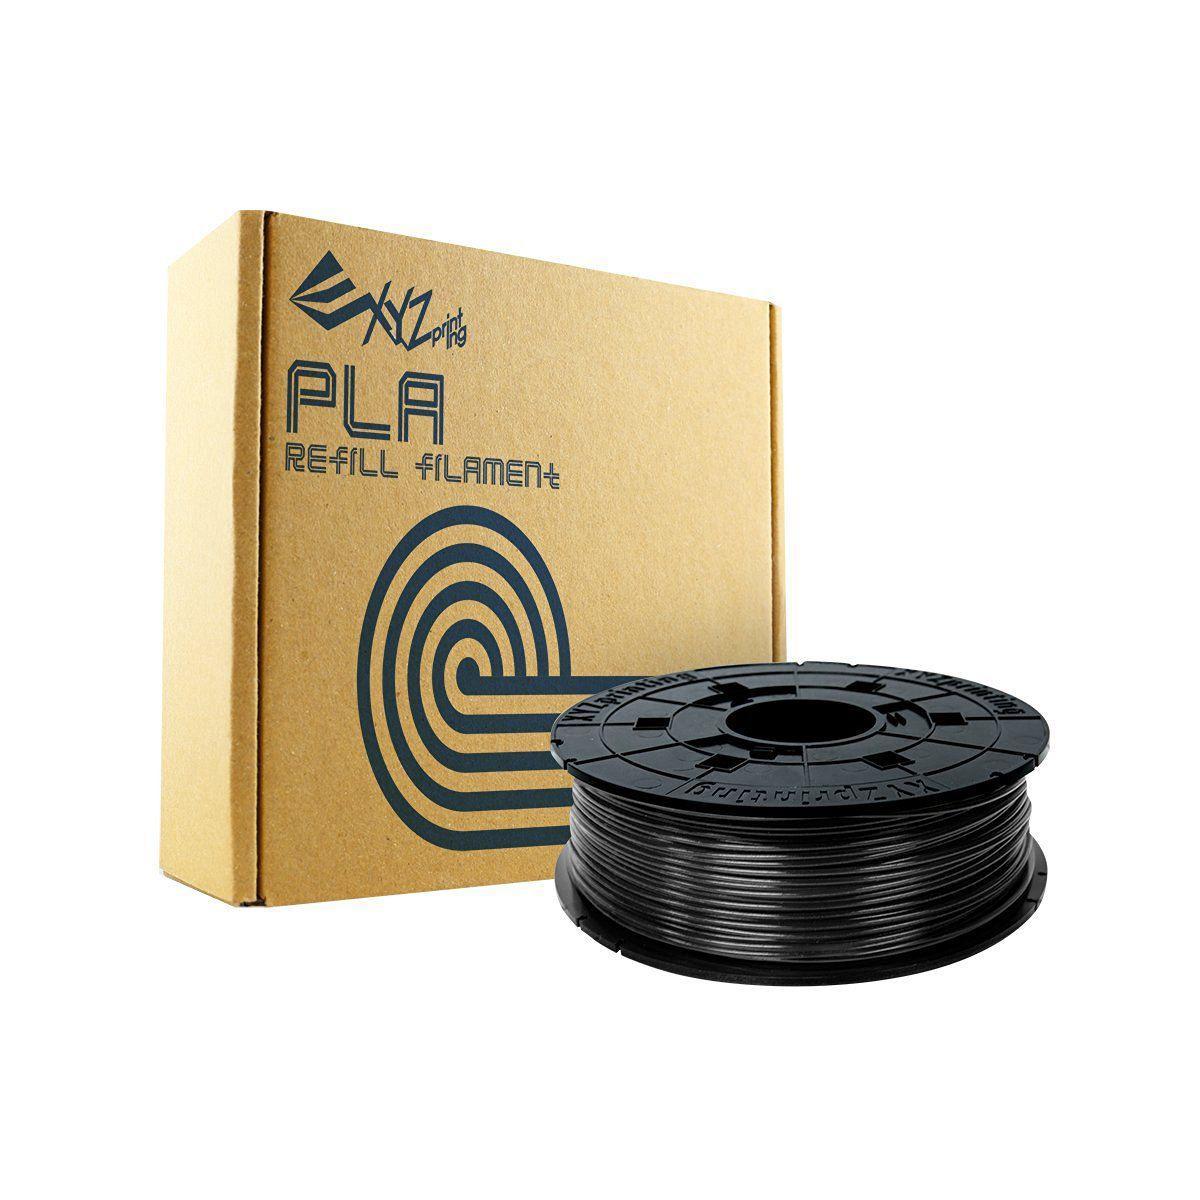 Cartouche xyz printing bobine recharge pla noire - 2% de remis...